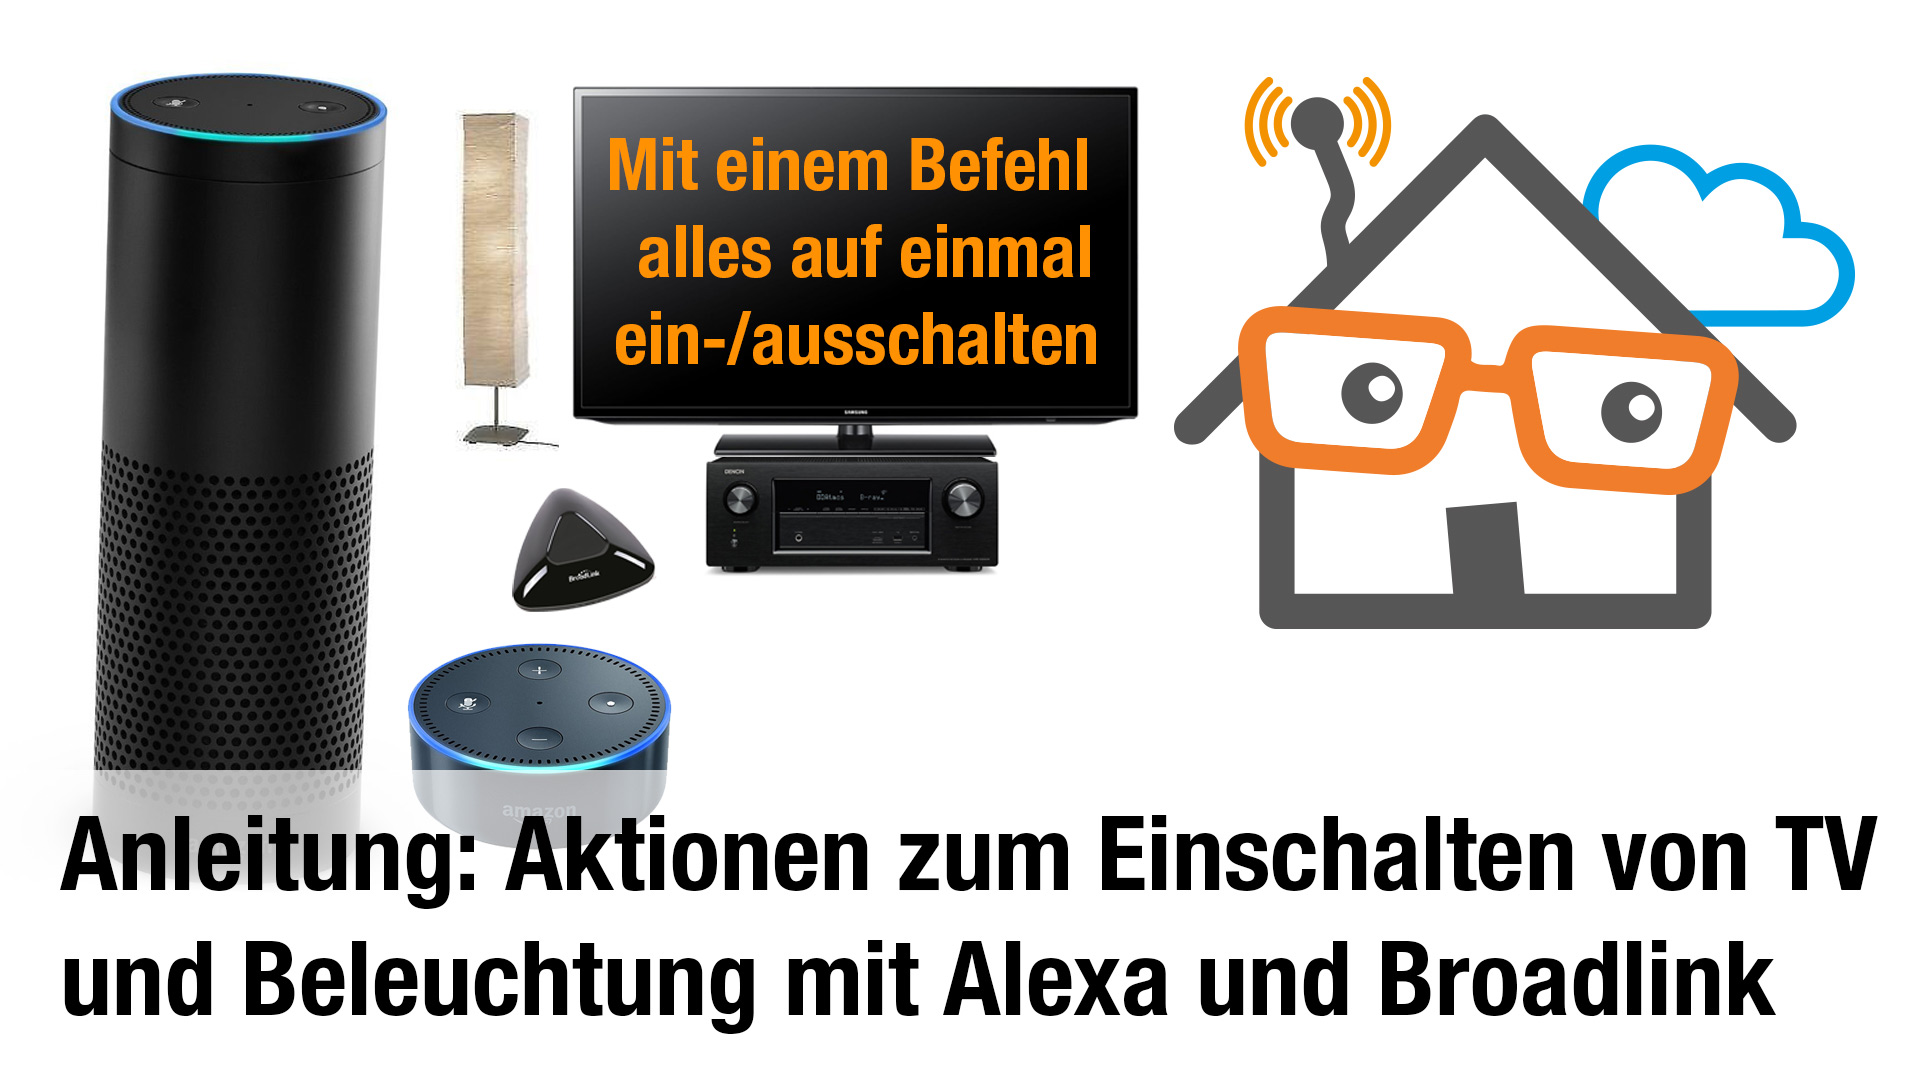 Anleitung: Aktionen mit Amazon Echo via Broadlink ausführen und mehrere Geräte zeitgleich schalten